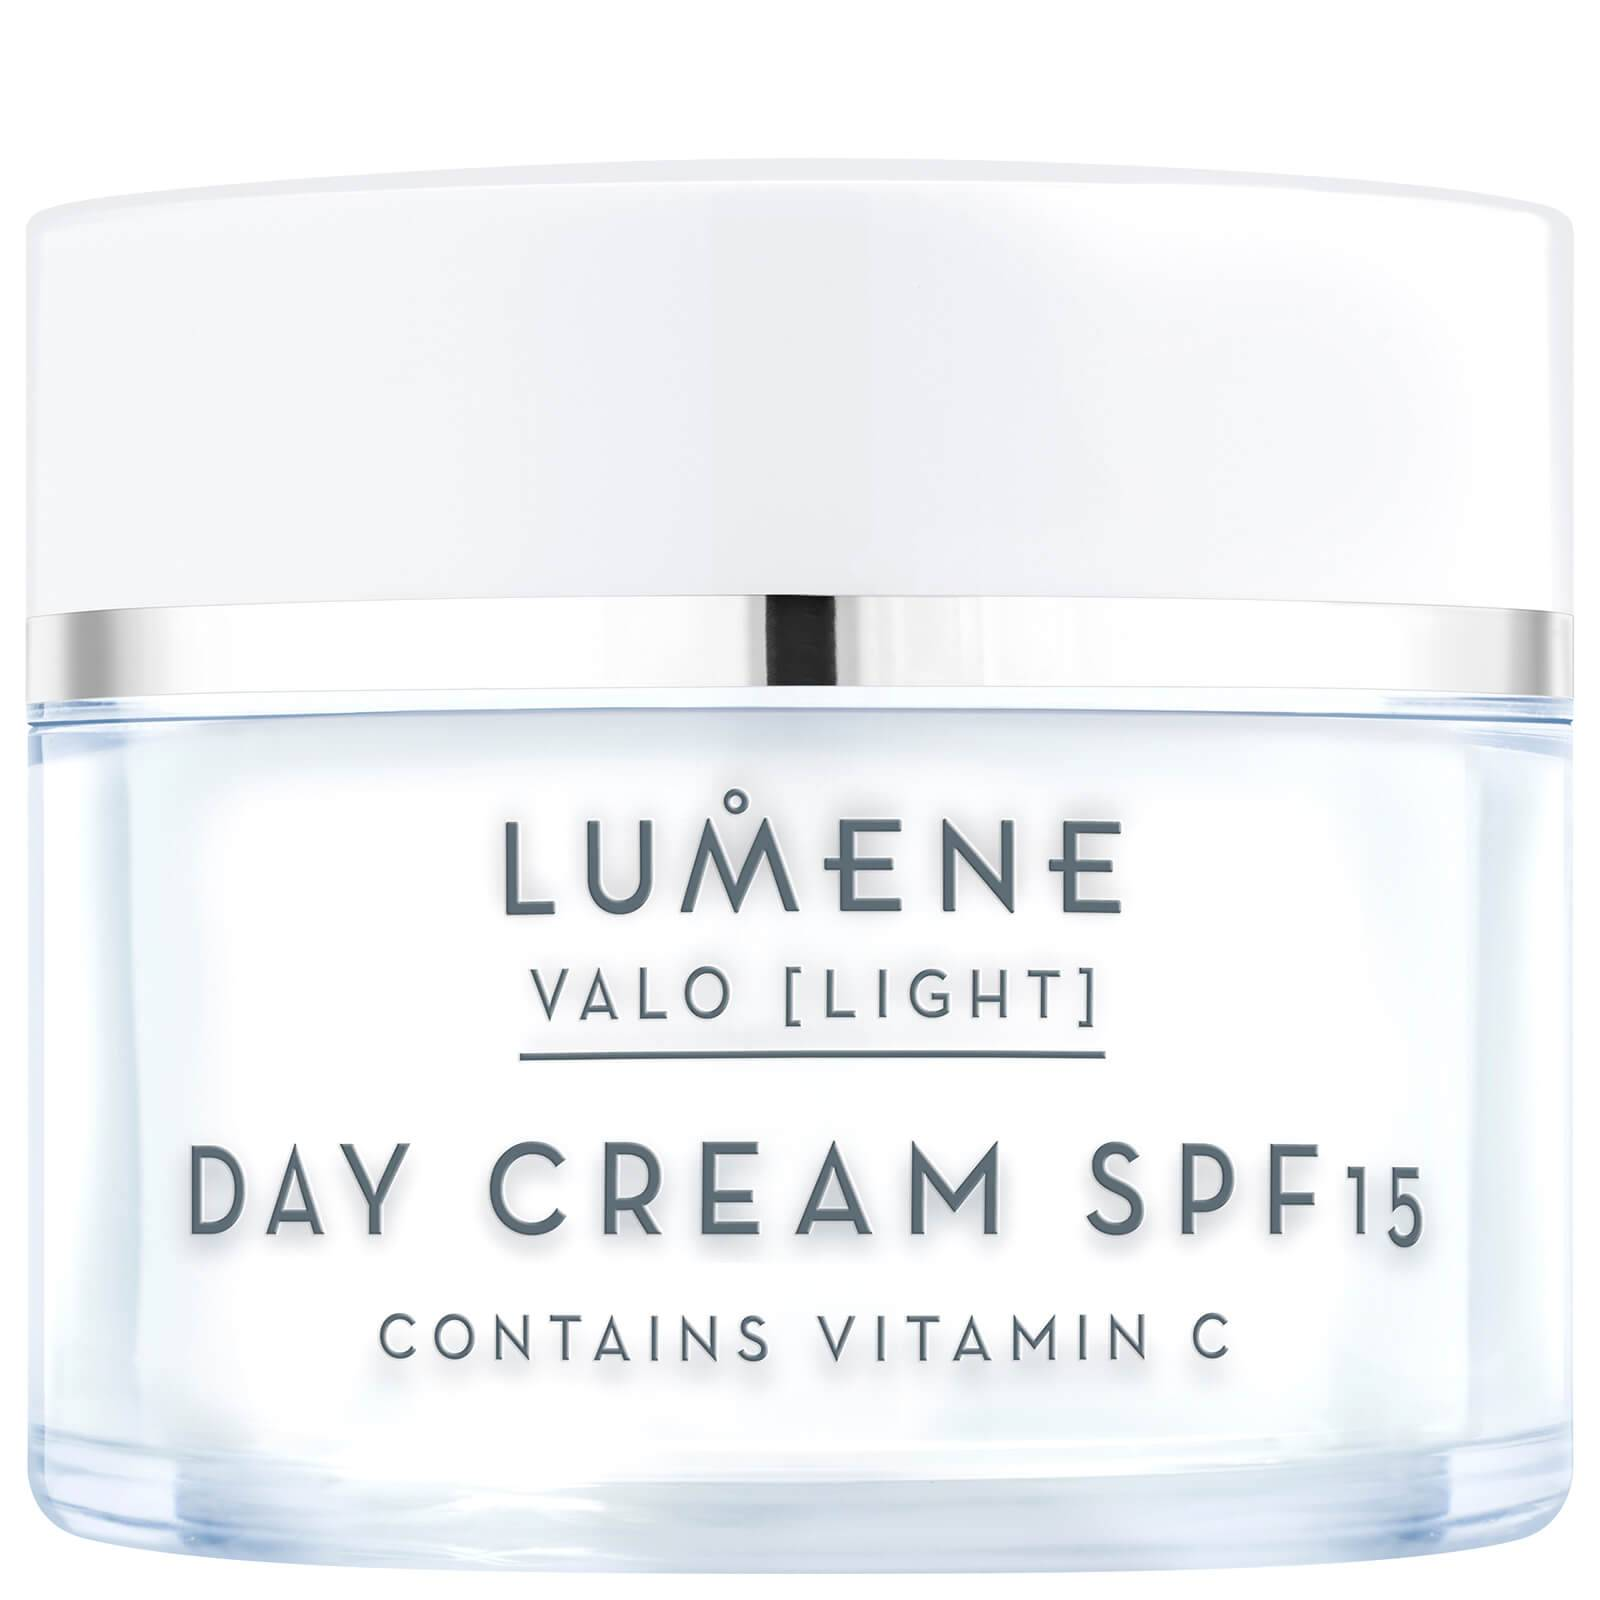 Lumene Crème de jour SPF 15 Nordic-C Lumene Valo [Light] 50 ml